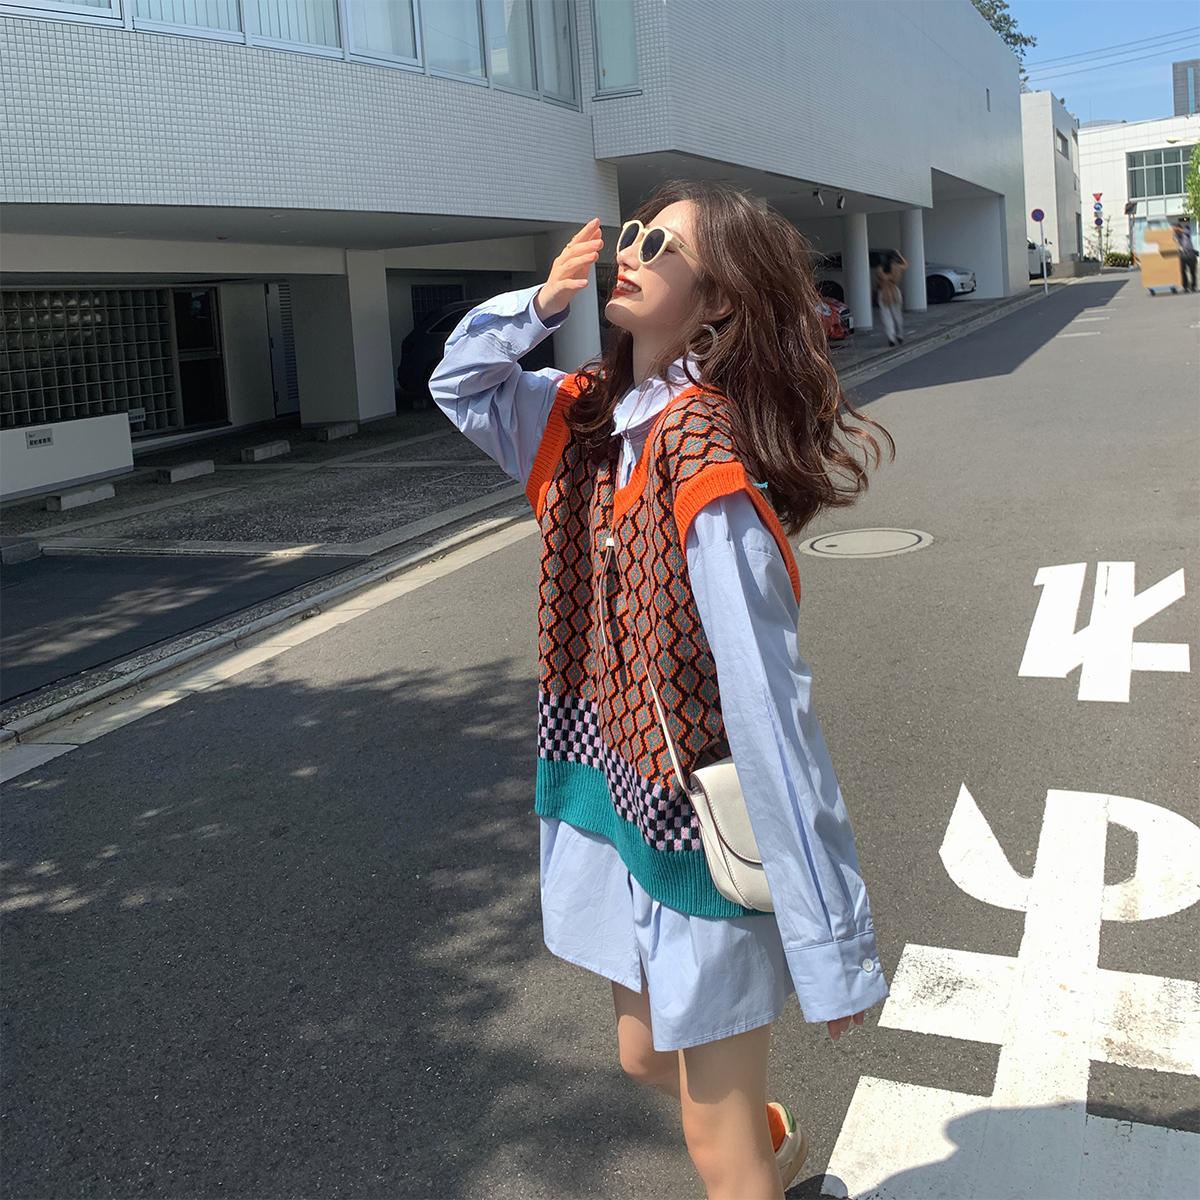 [¥104.9]撞色格子针织马甲2020春装女新款慵懒风宽松百搭无袖V领背心上衣